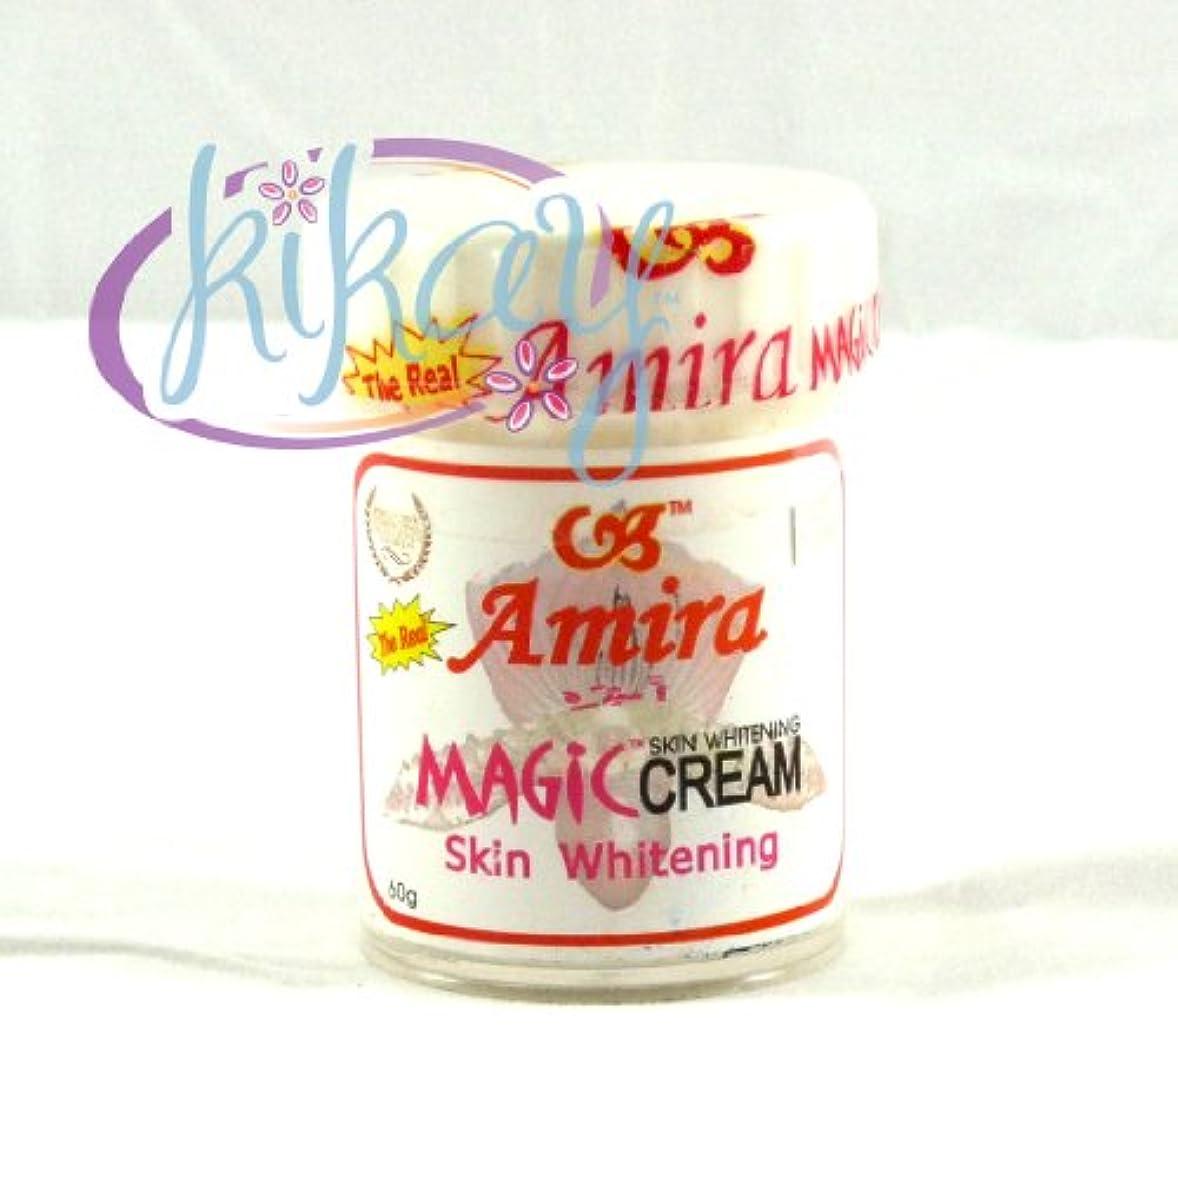 音楽家抑止する装置AMIRA THE REAL MAGIC CREAM【SKIN WHITENING CREAM 60g】PHILIPPINES〈スキン ホワイトニング クリーム〉フィリピン